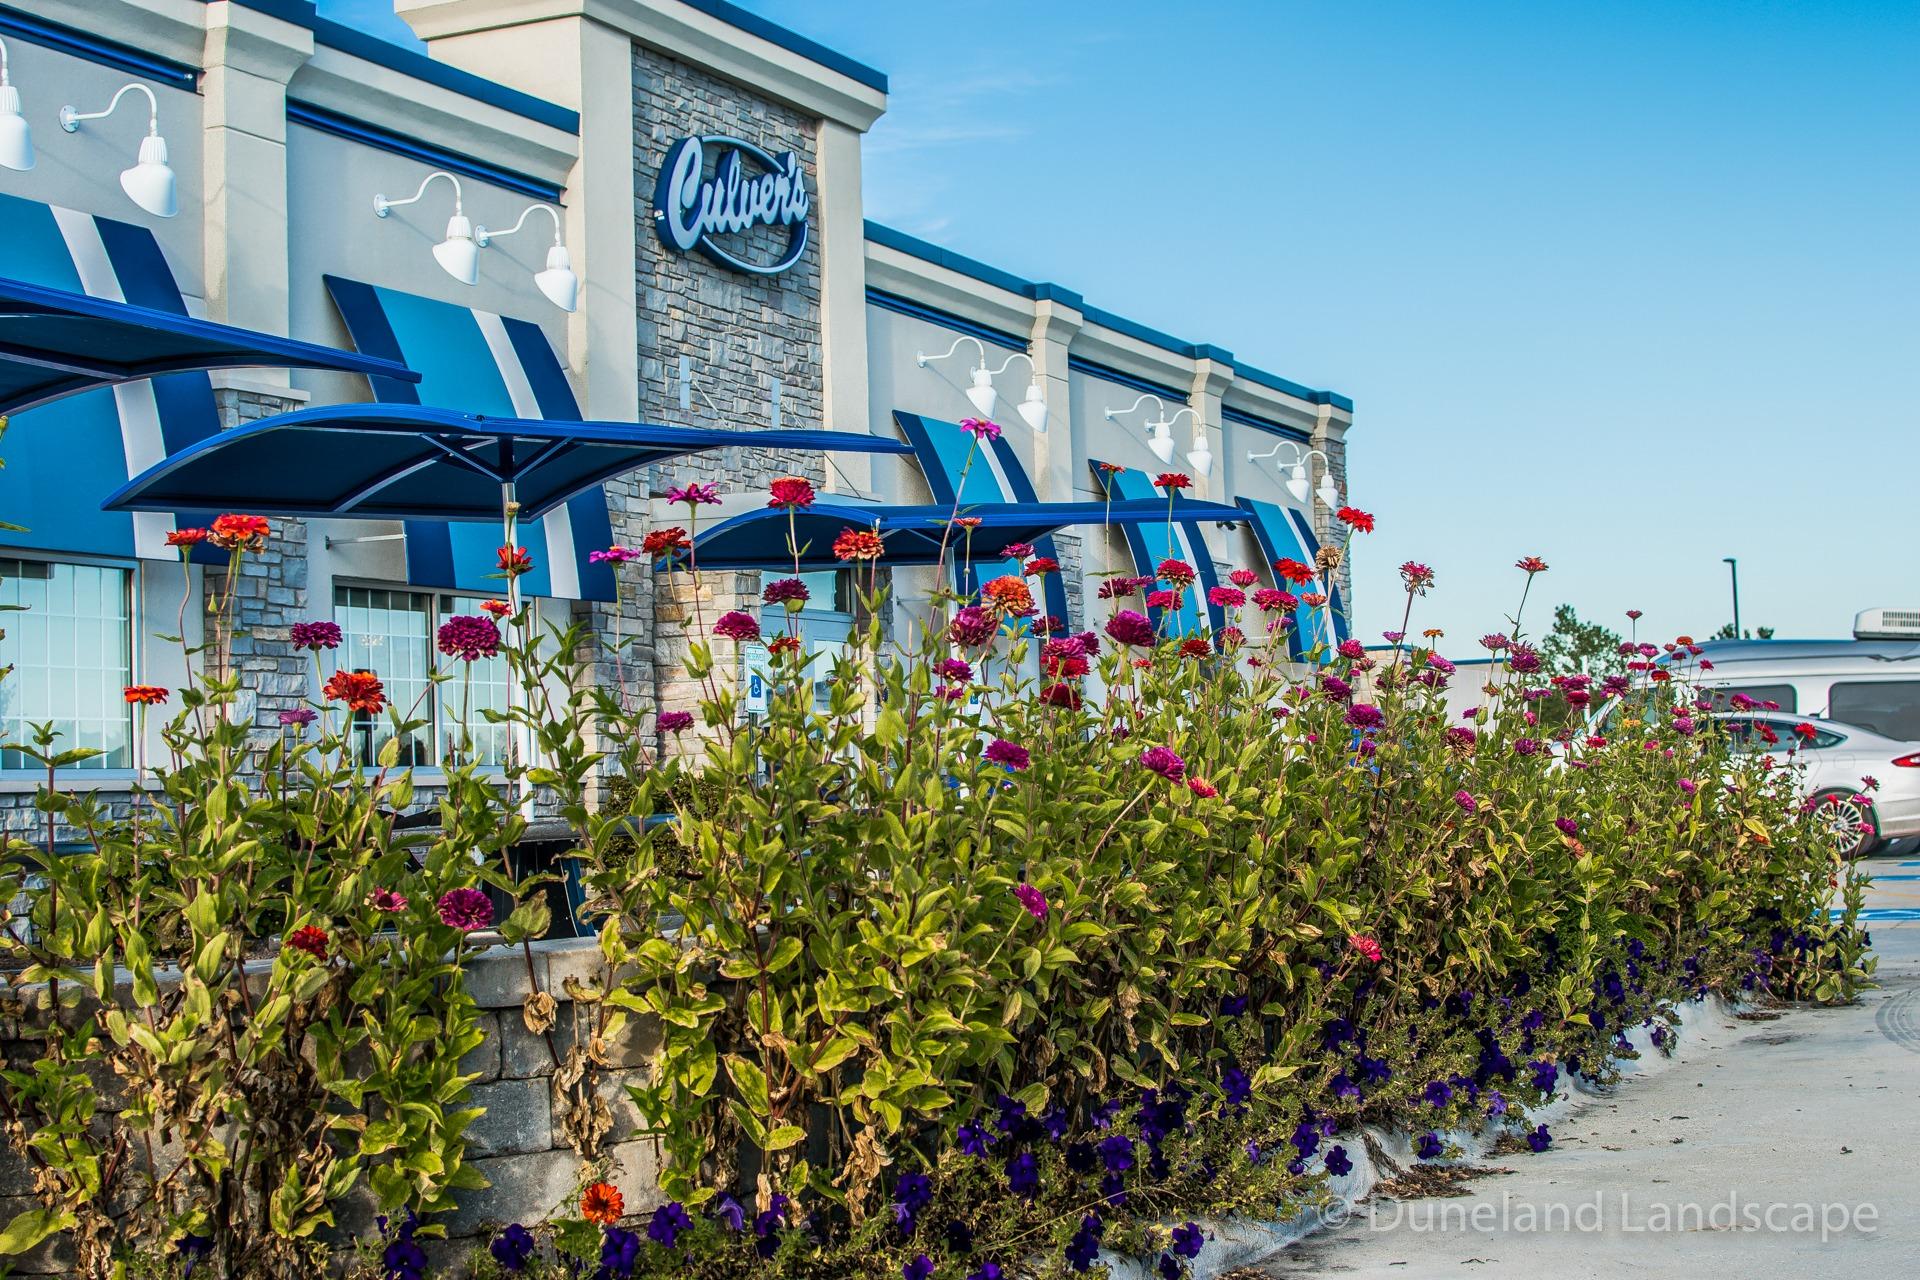 Culver's parking lot landscape flowers